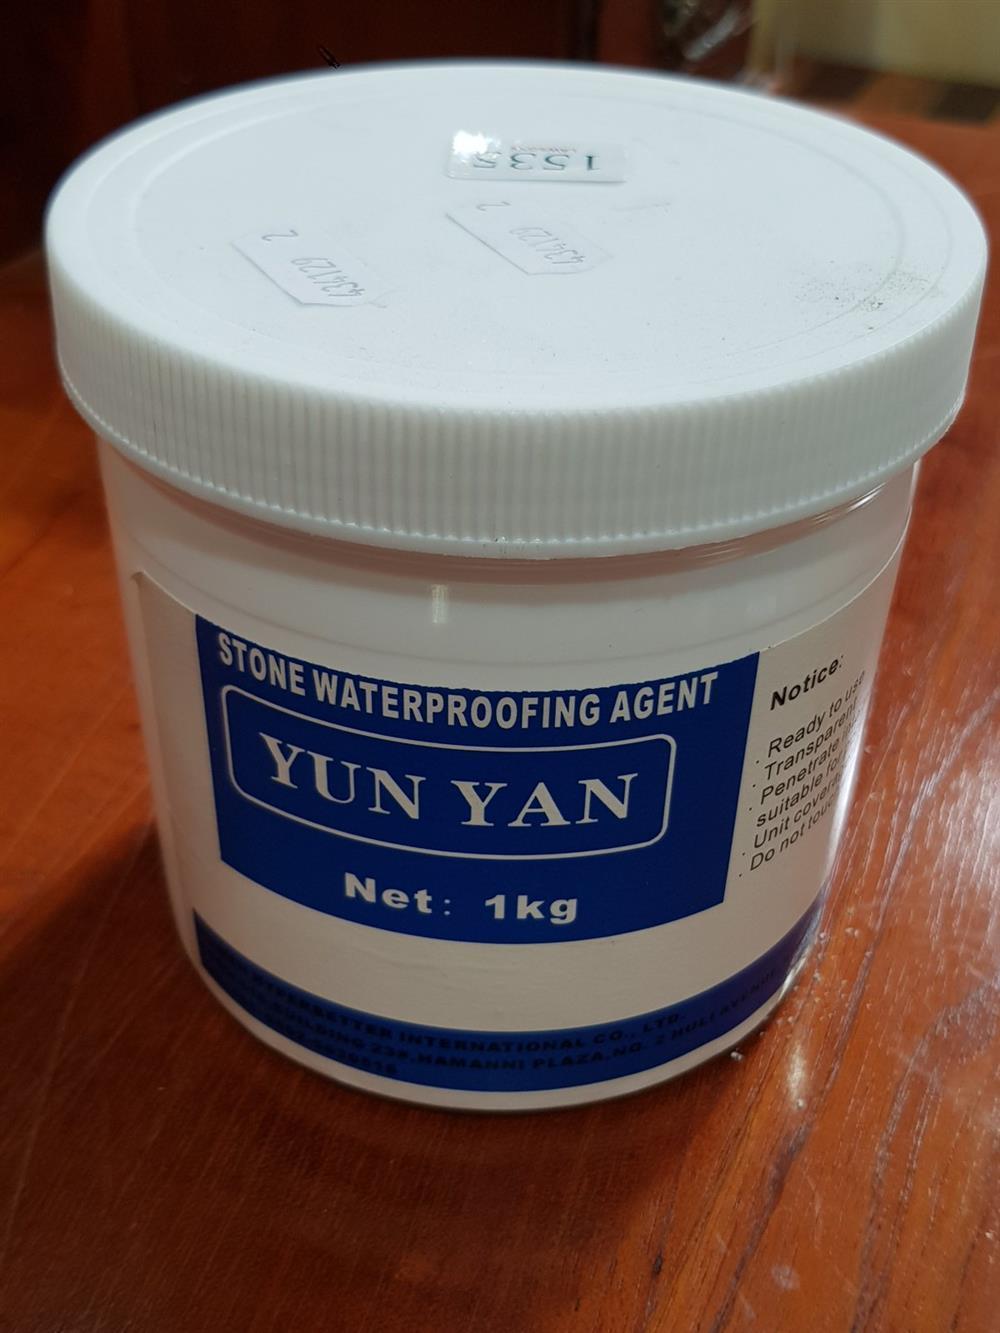 Tub of Waterproofing Solution